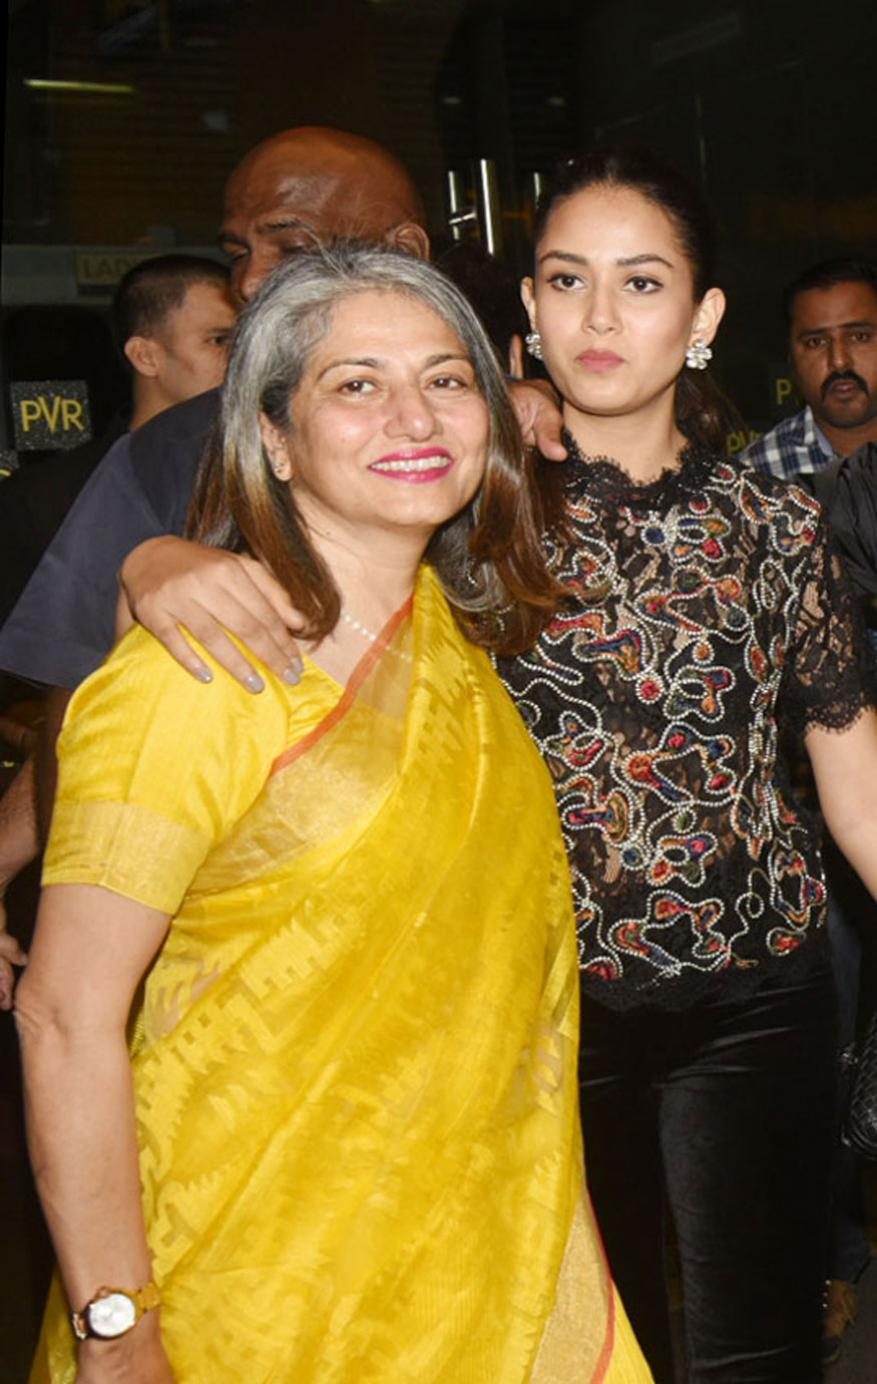 मिरा राजपुत आणि बेला राजपुत (फोटो- योगेन शहा)